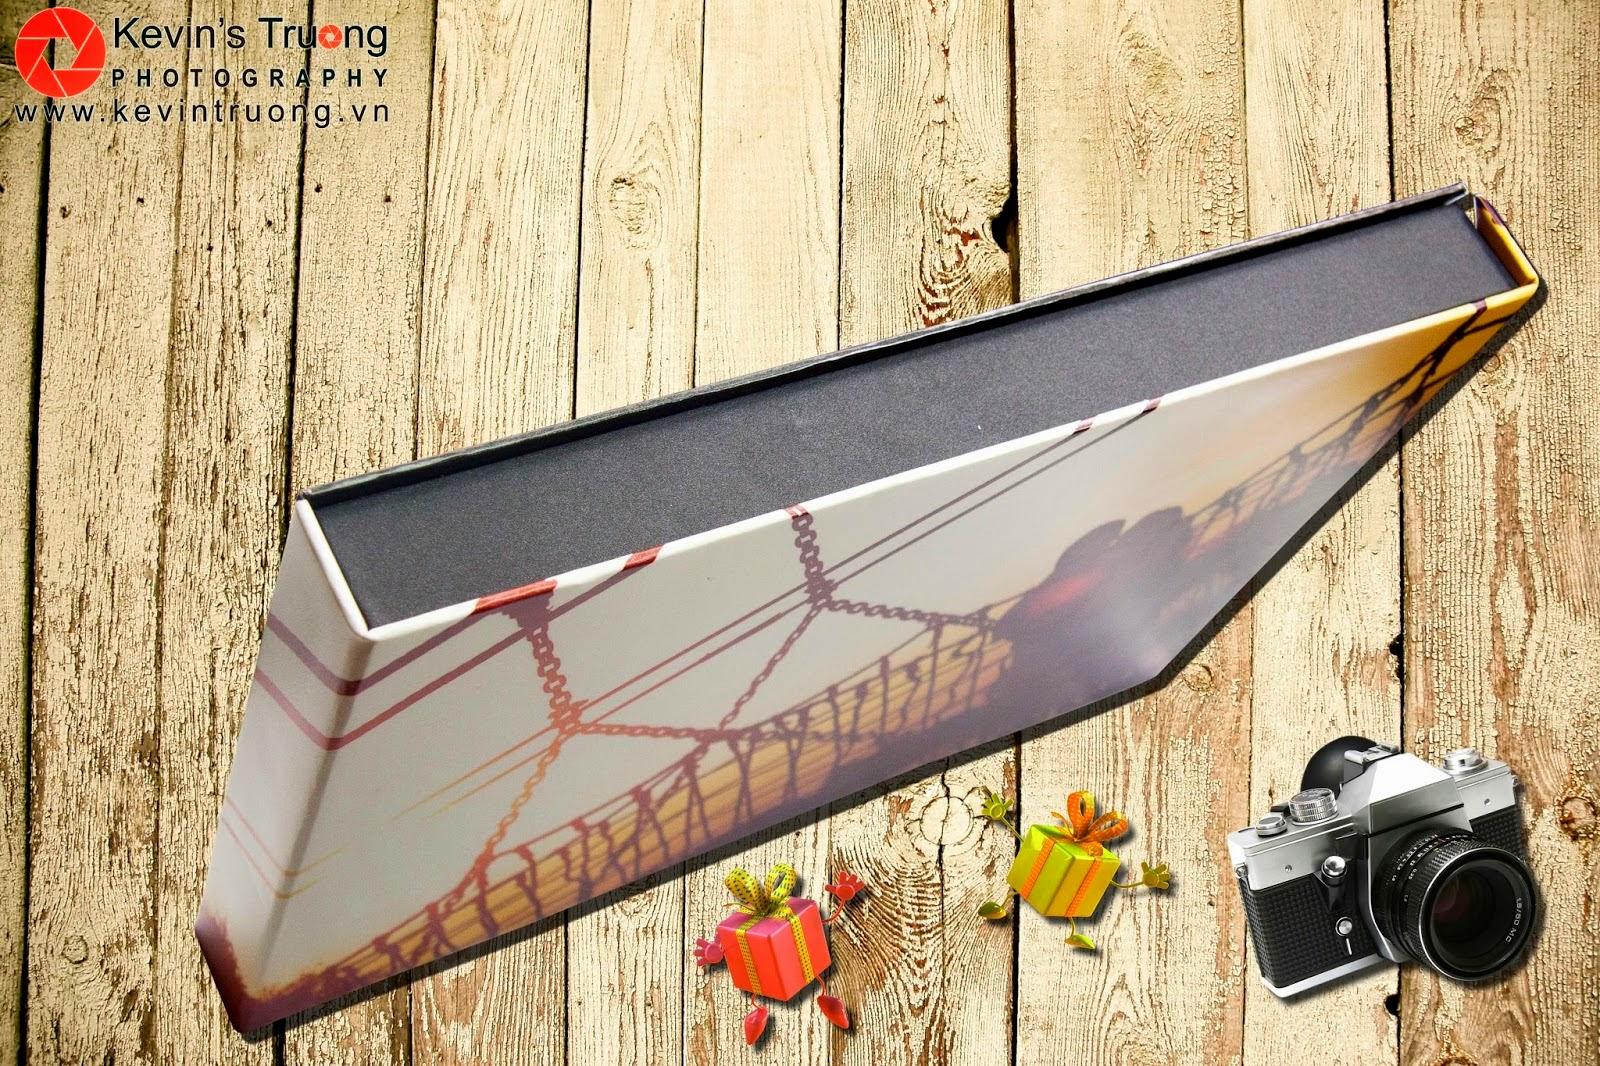 Gia Công-In Album Cát Kim Tuyến-Album 3D,Photobook,Ép gỗ các loại - 21